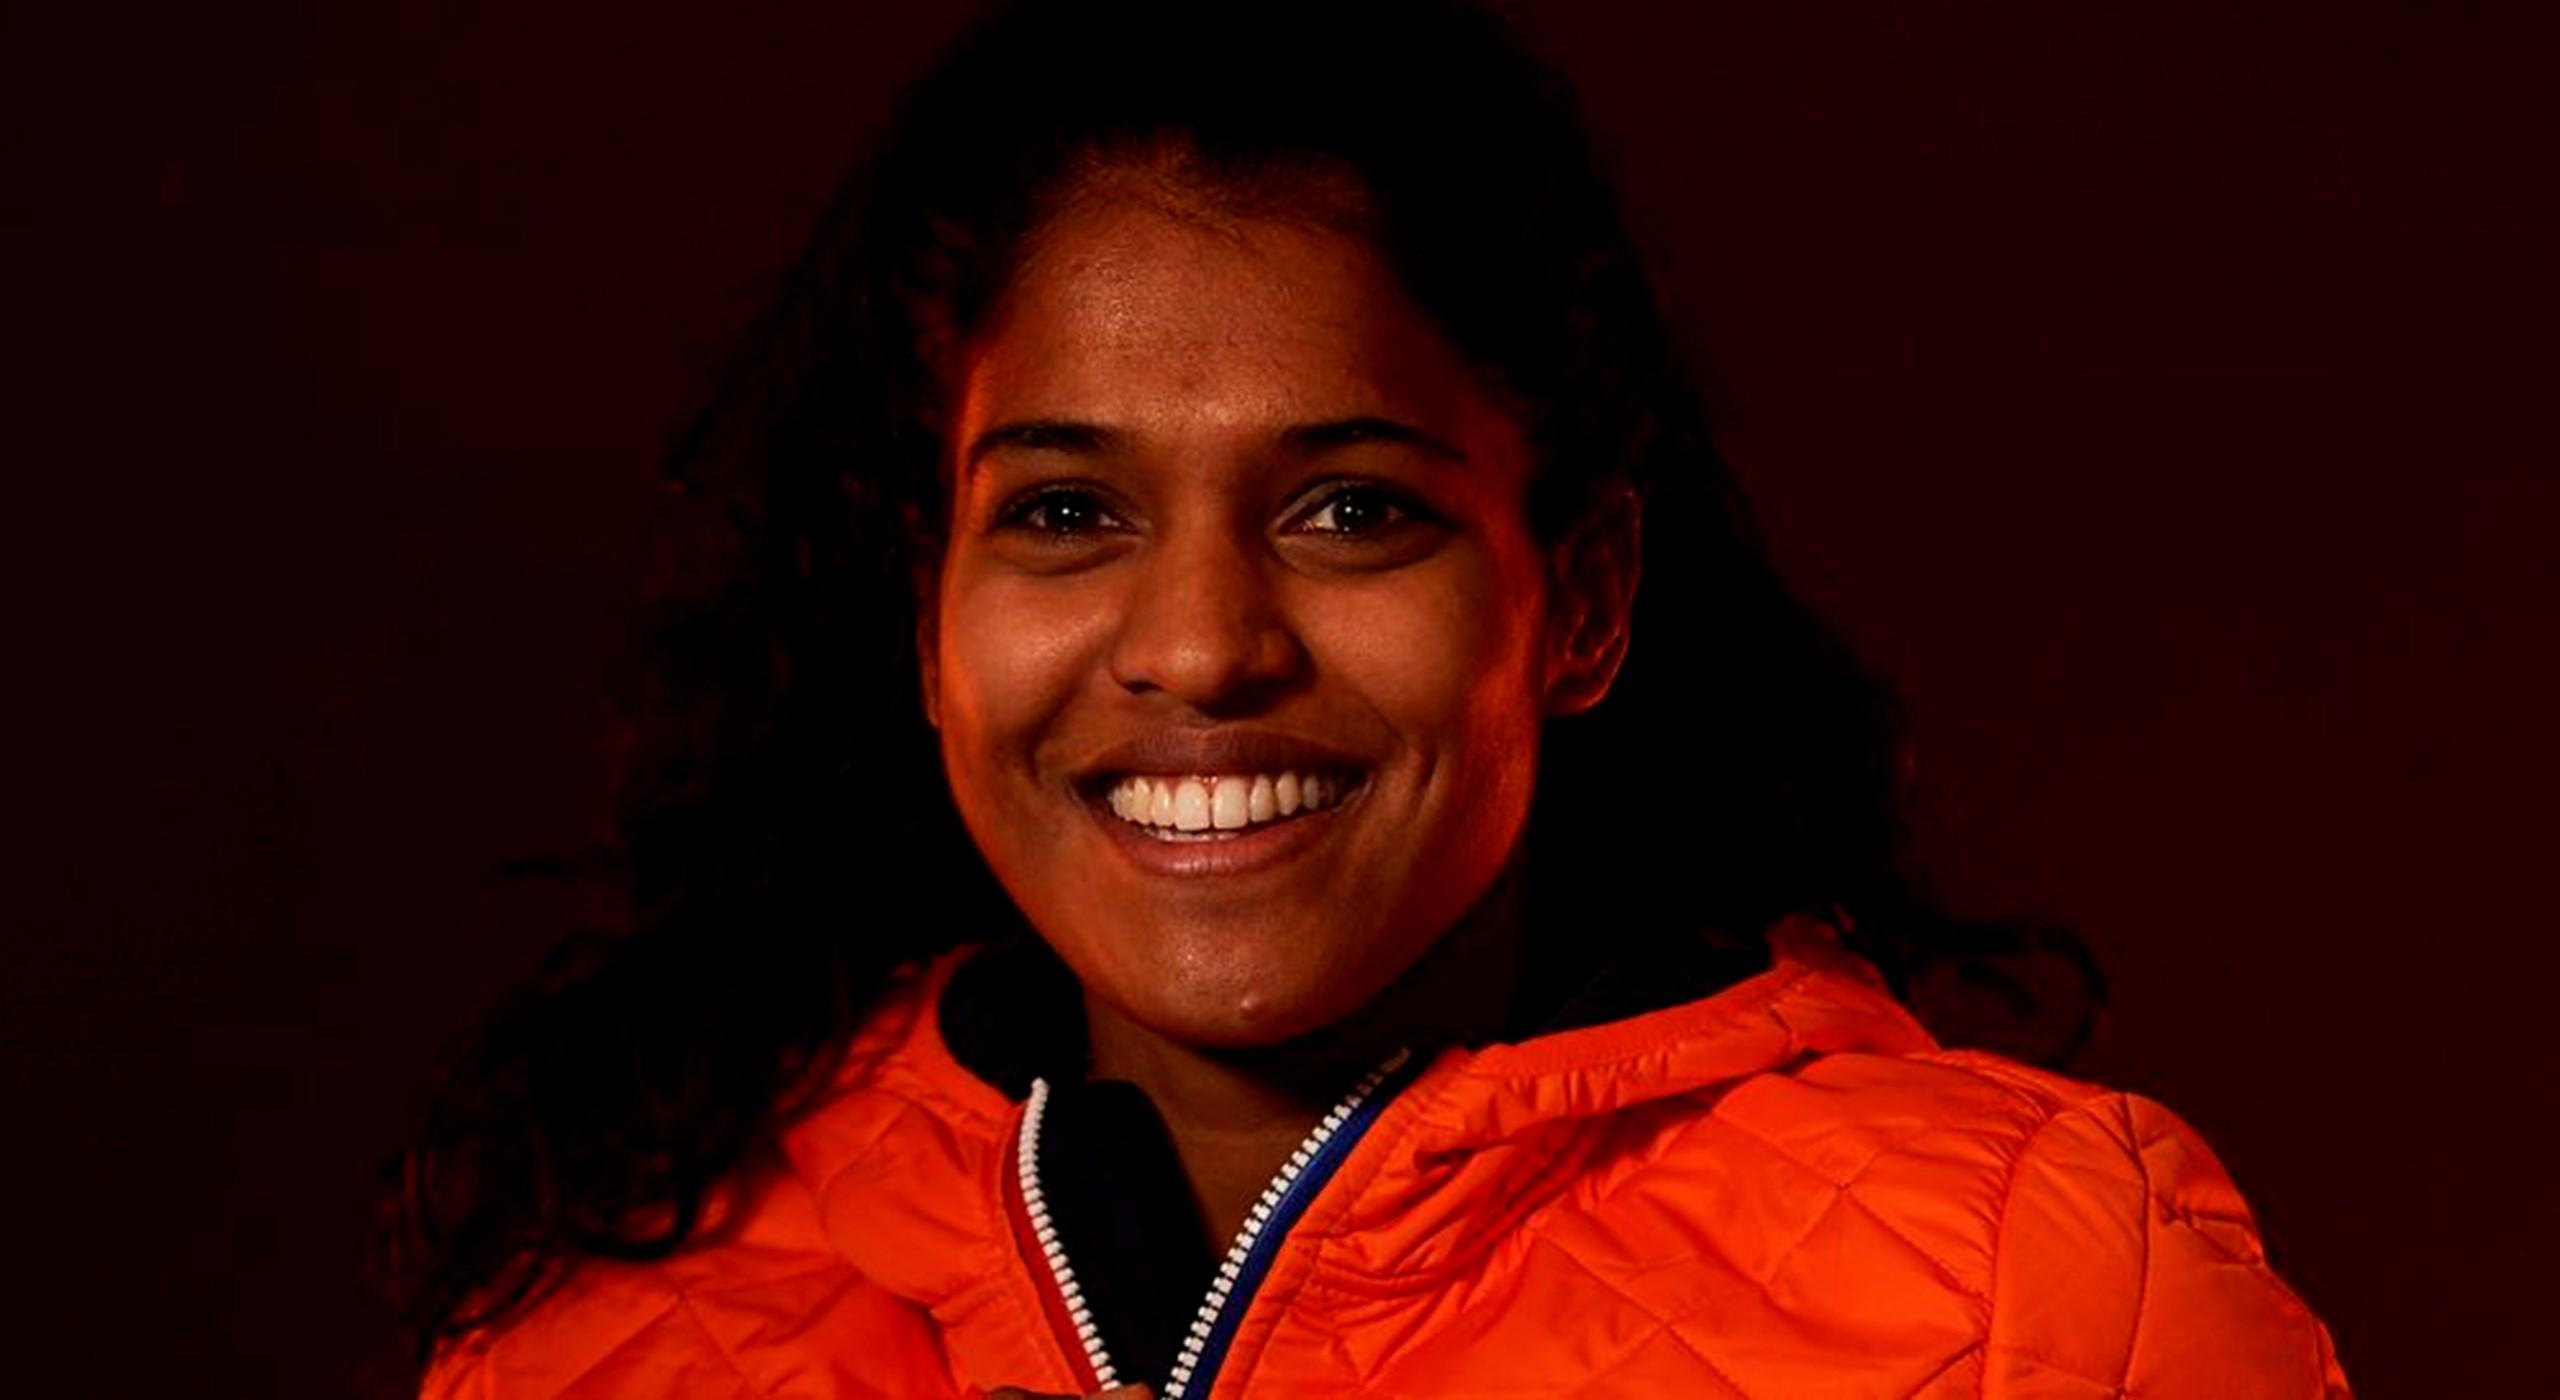 Anice Das